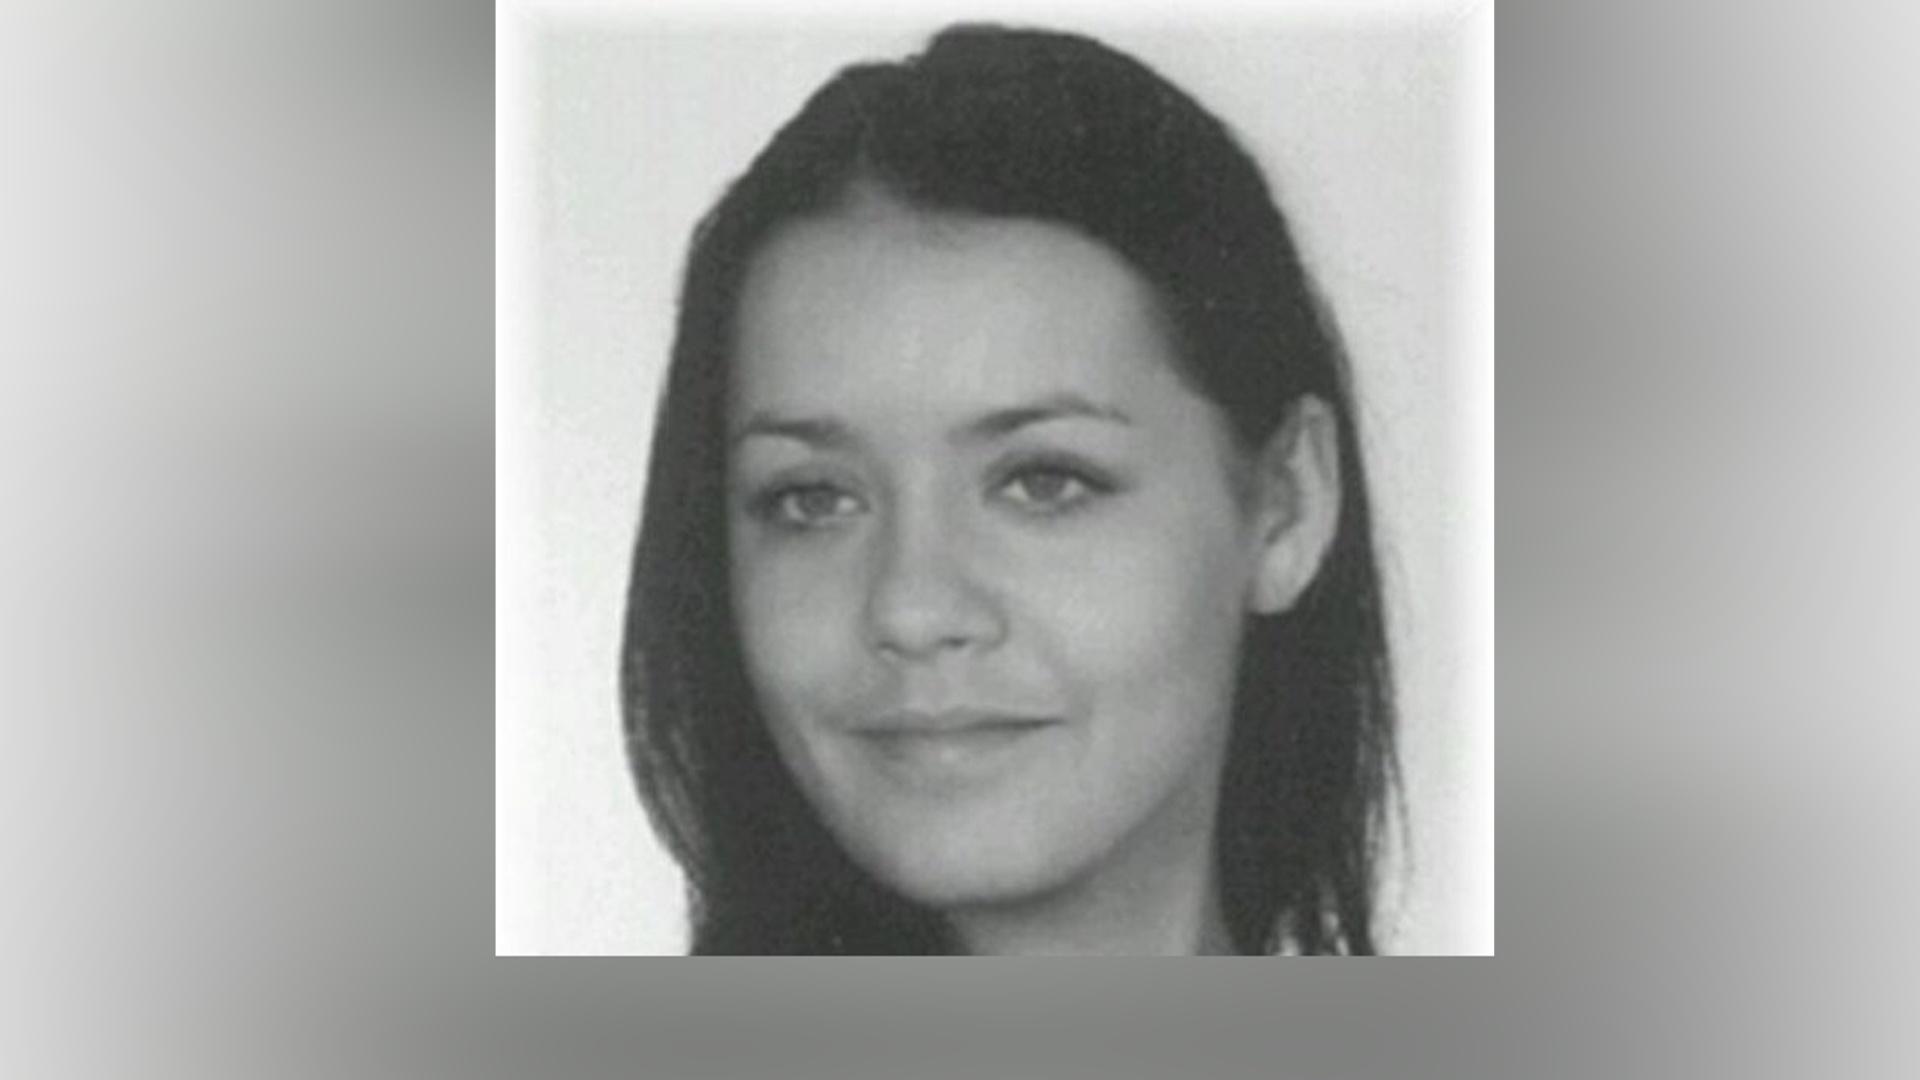 Zaginęła 26-letnia Sara Dymowska. Ponawiamy prośbę o pomoc! bb0265e086a